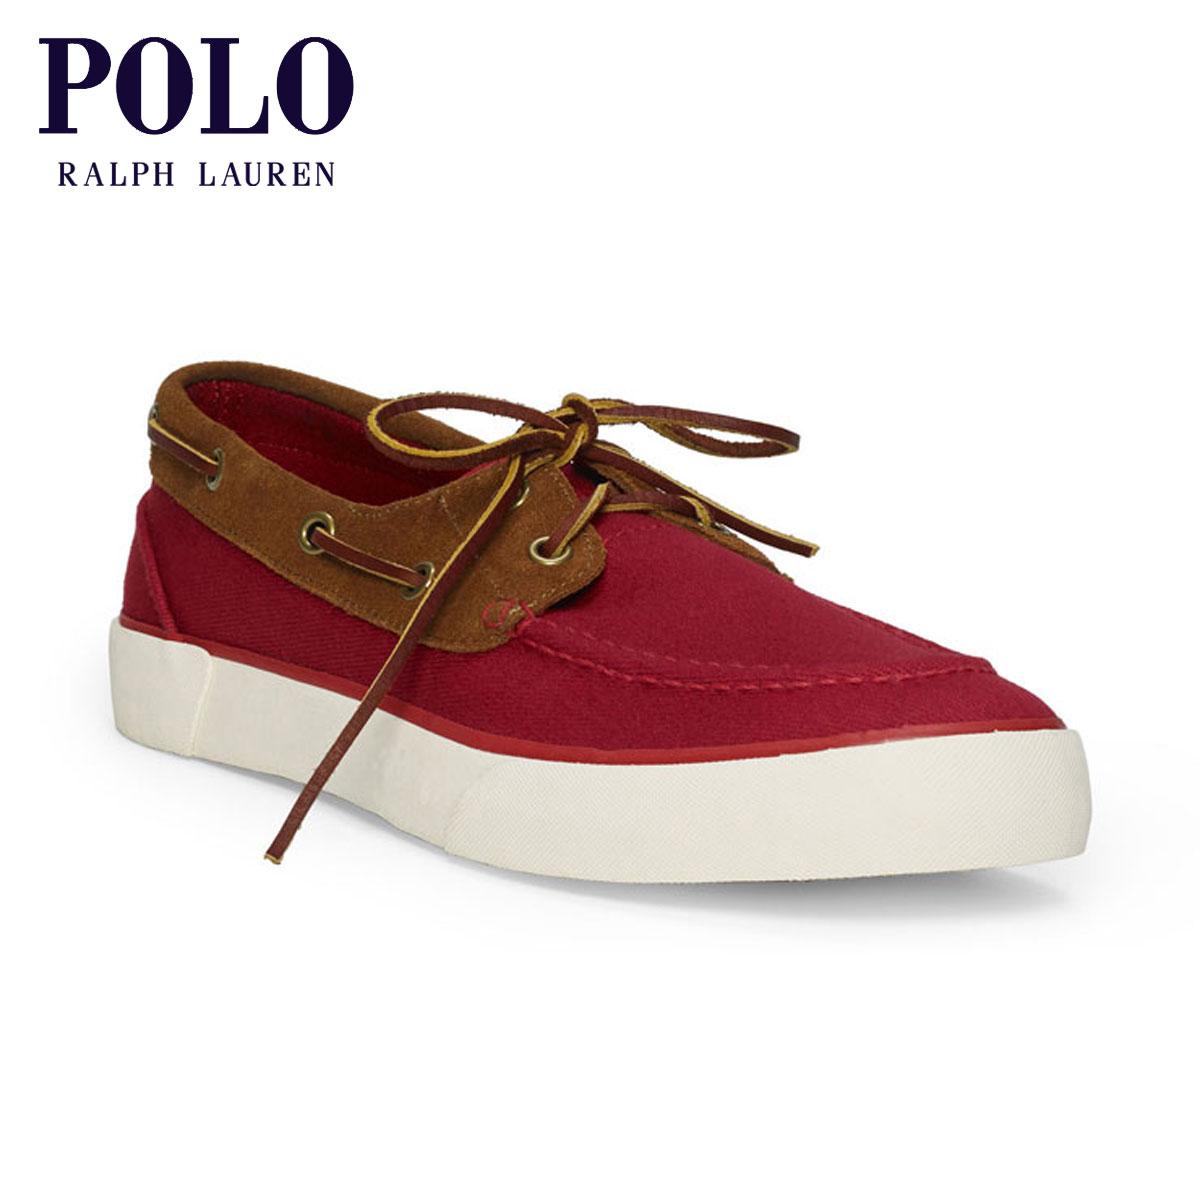 【販売期間 2/19 10:00〜3/2 9:59】 ポロ ラルフローレン POLO RALPH LAUREN 正規品 メンズ 靴 シューズ RYLANDER CHINO SNEAKER